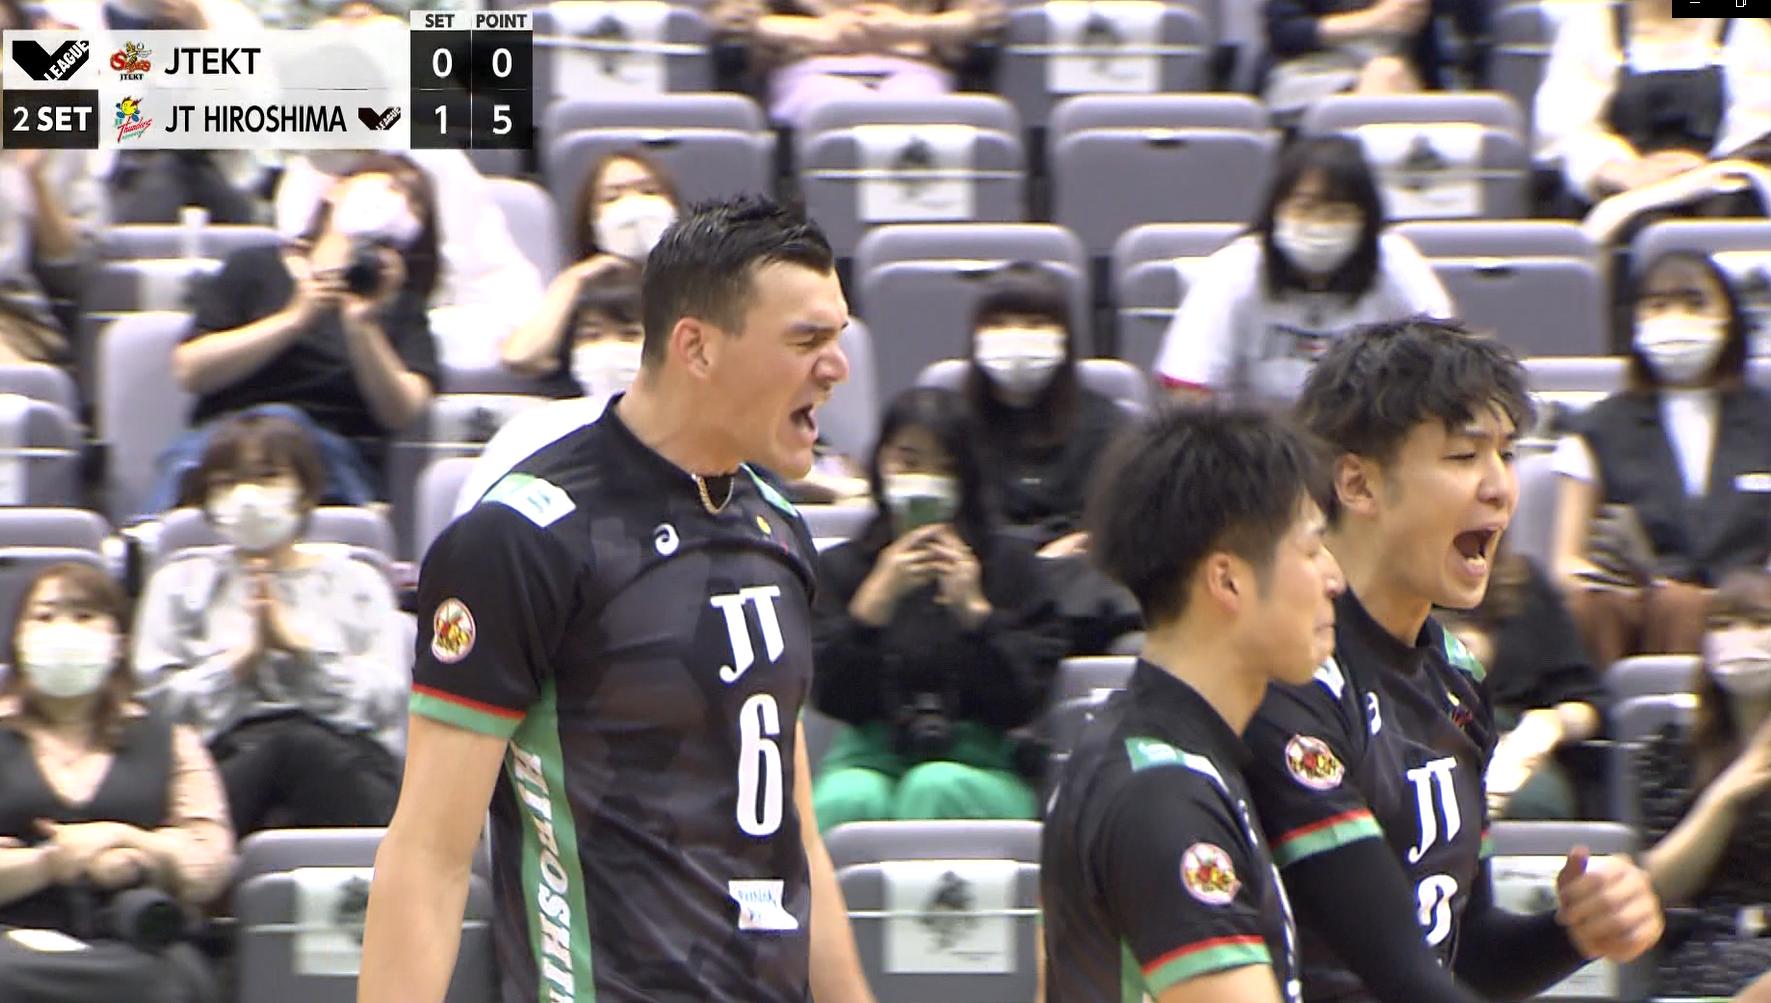 【バレー/Vリーグ】2021/10/15 ハイライト ジェイテクトSTINGS vs JTサンダーズ広島